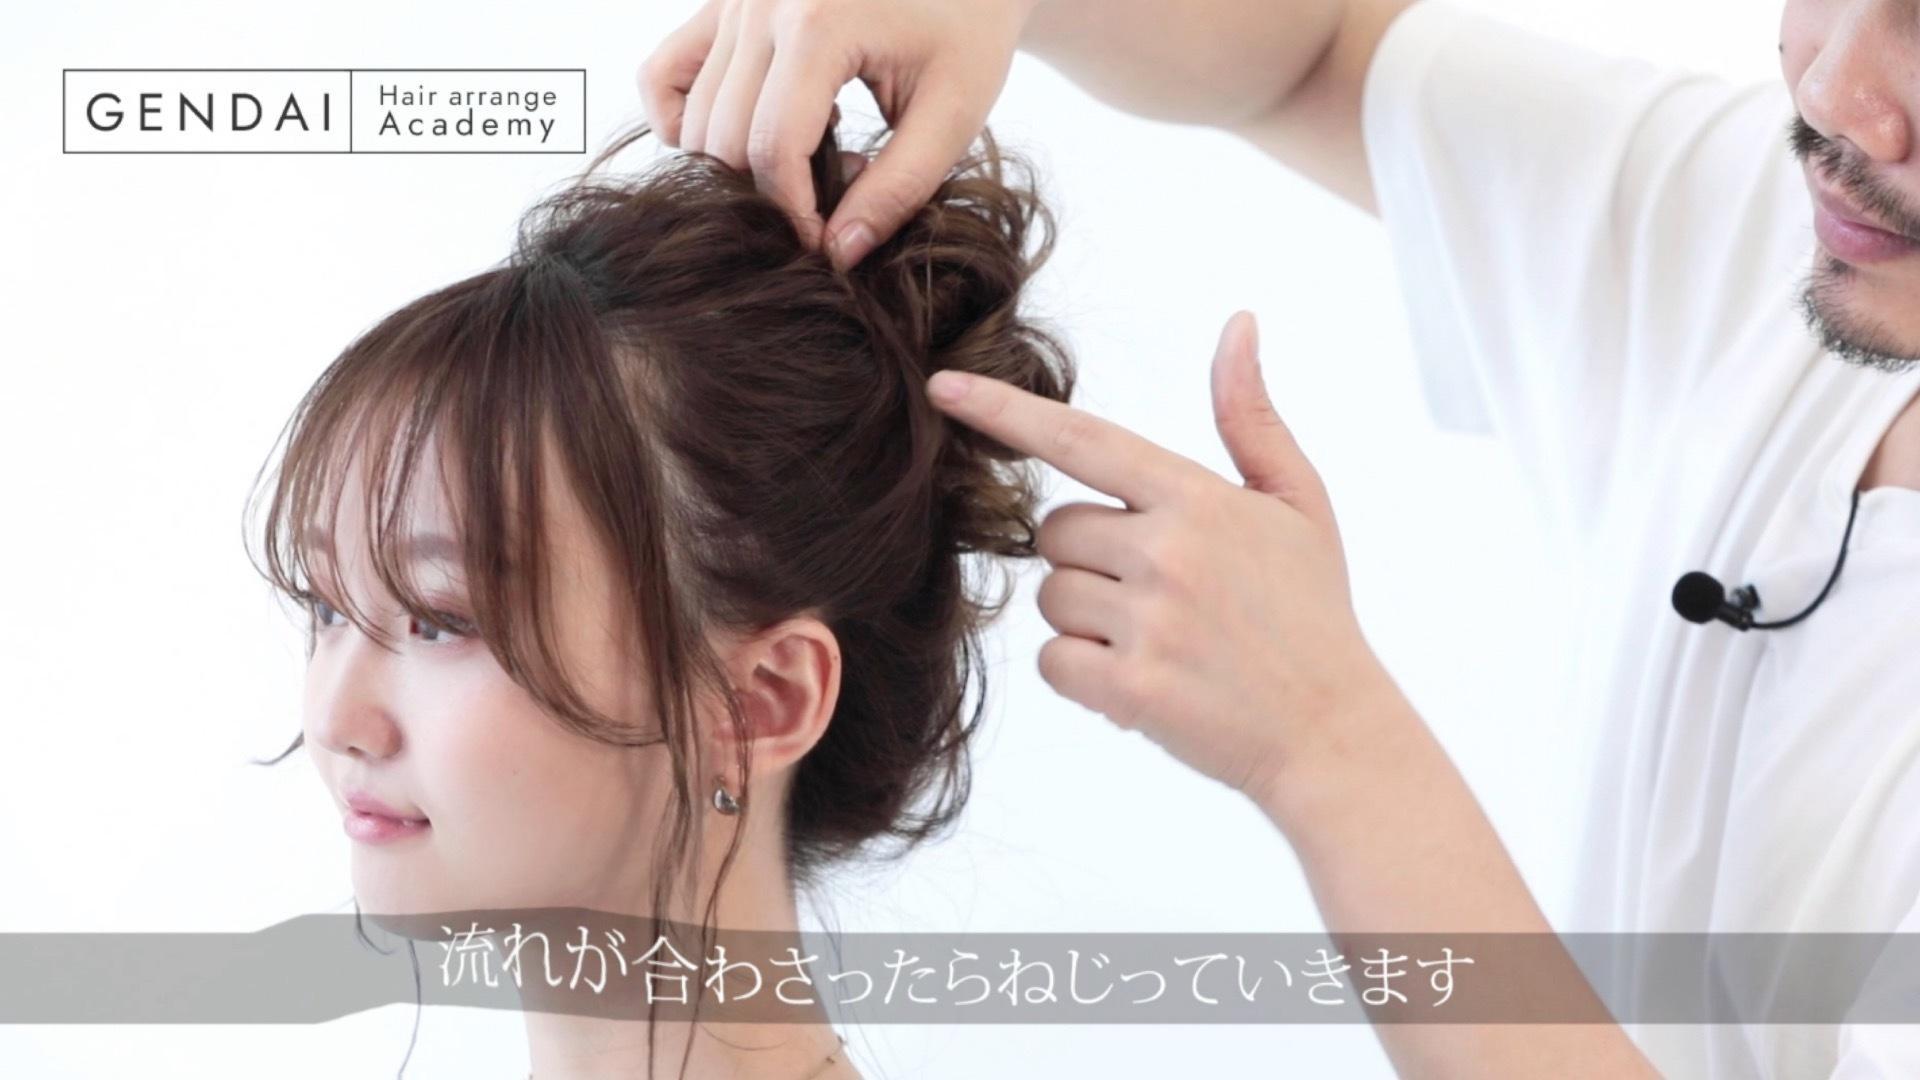 #8【高めお団子アレンジ】